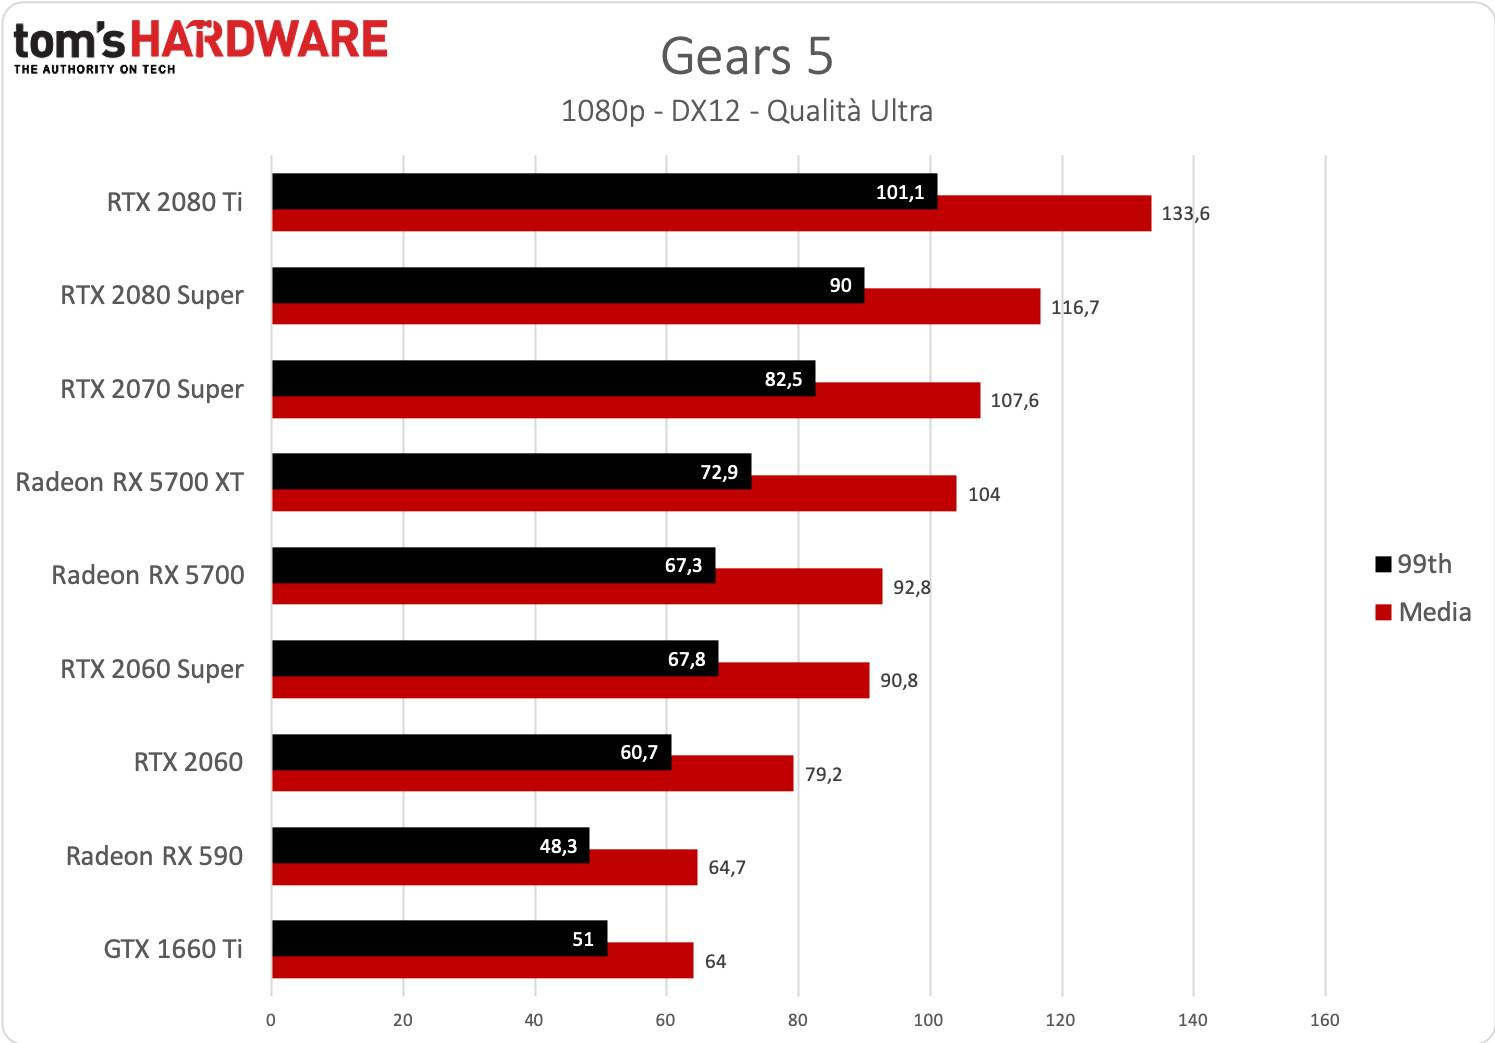 Gears 5 - 1080p - Nuovi driver